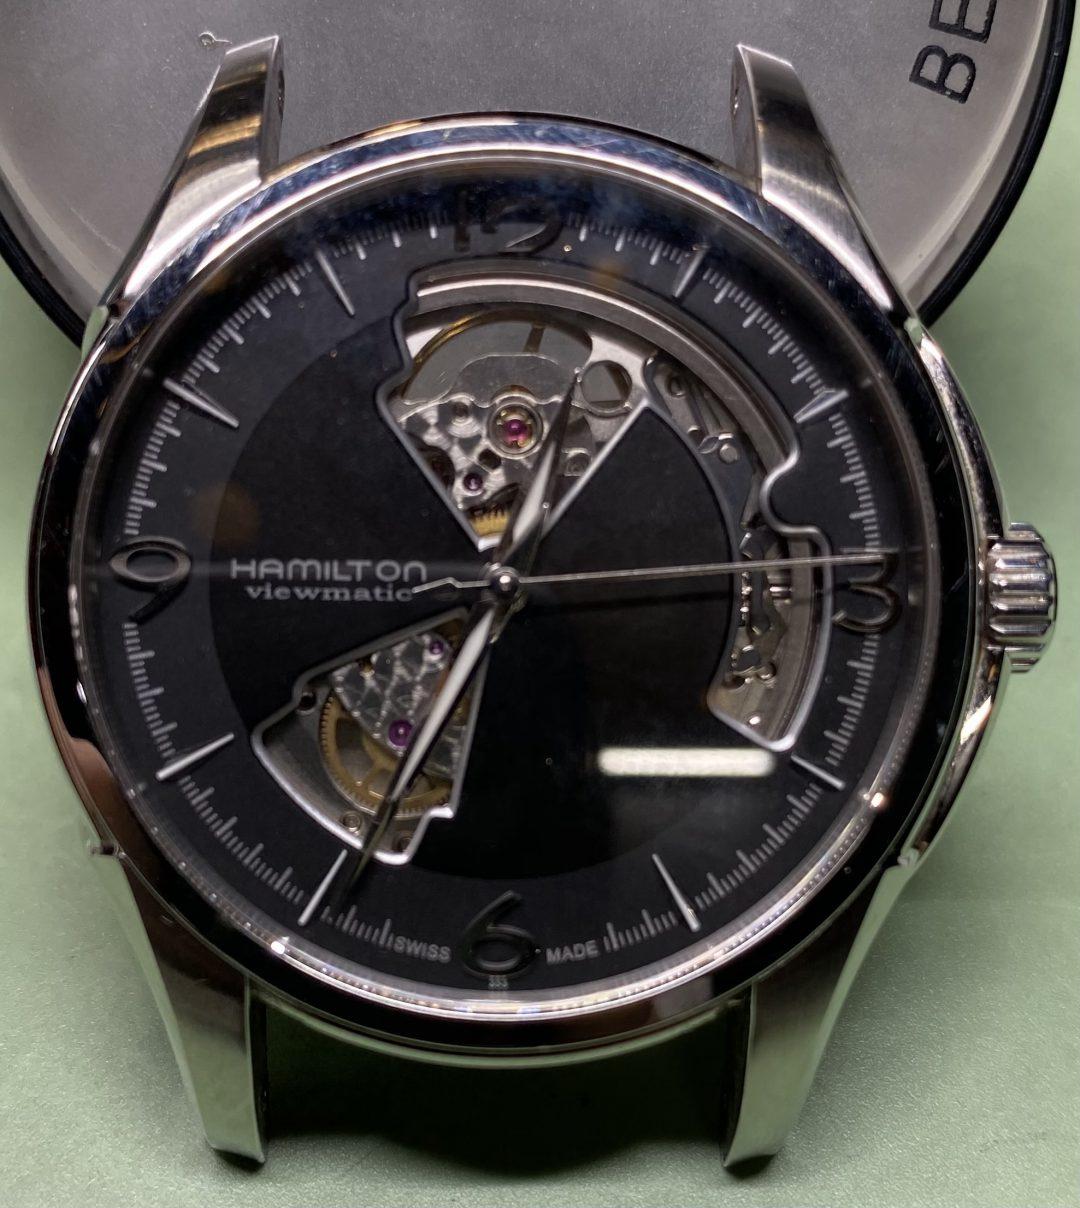 ハミルトン オーバーホール&ゼンマイ交換のご依頼で新潟市にある時計修理工房BROOCHで受けました。。